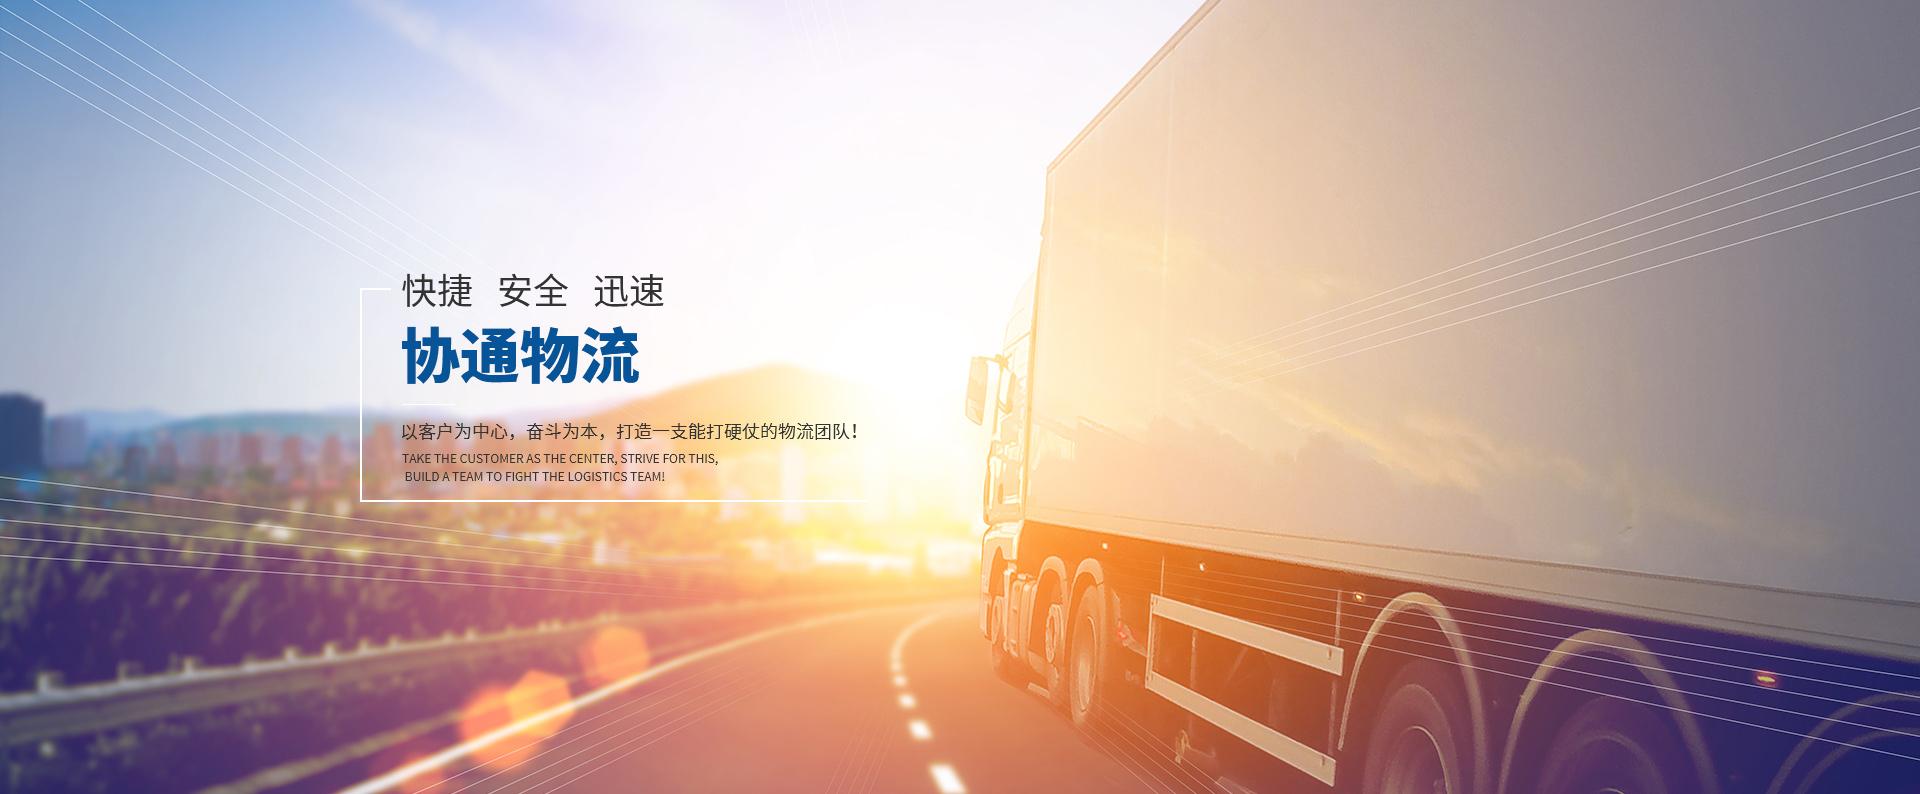 重庆货物运输